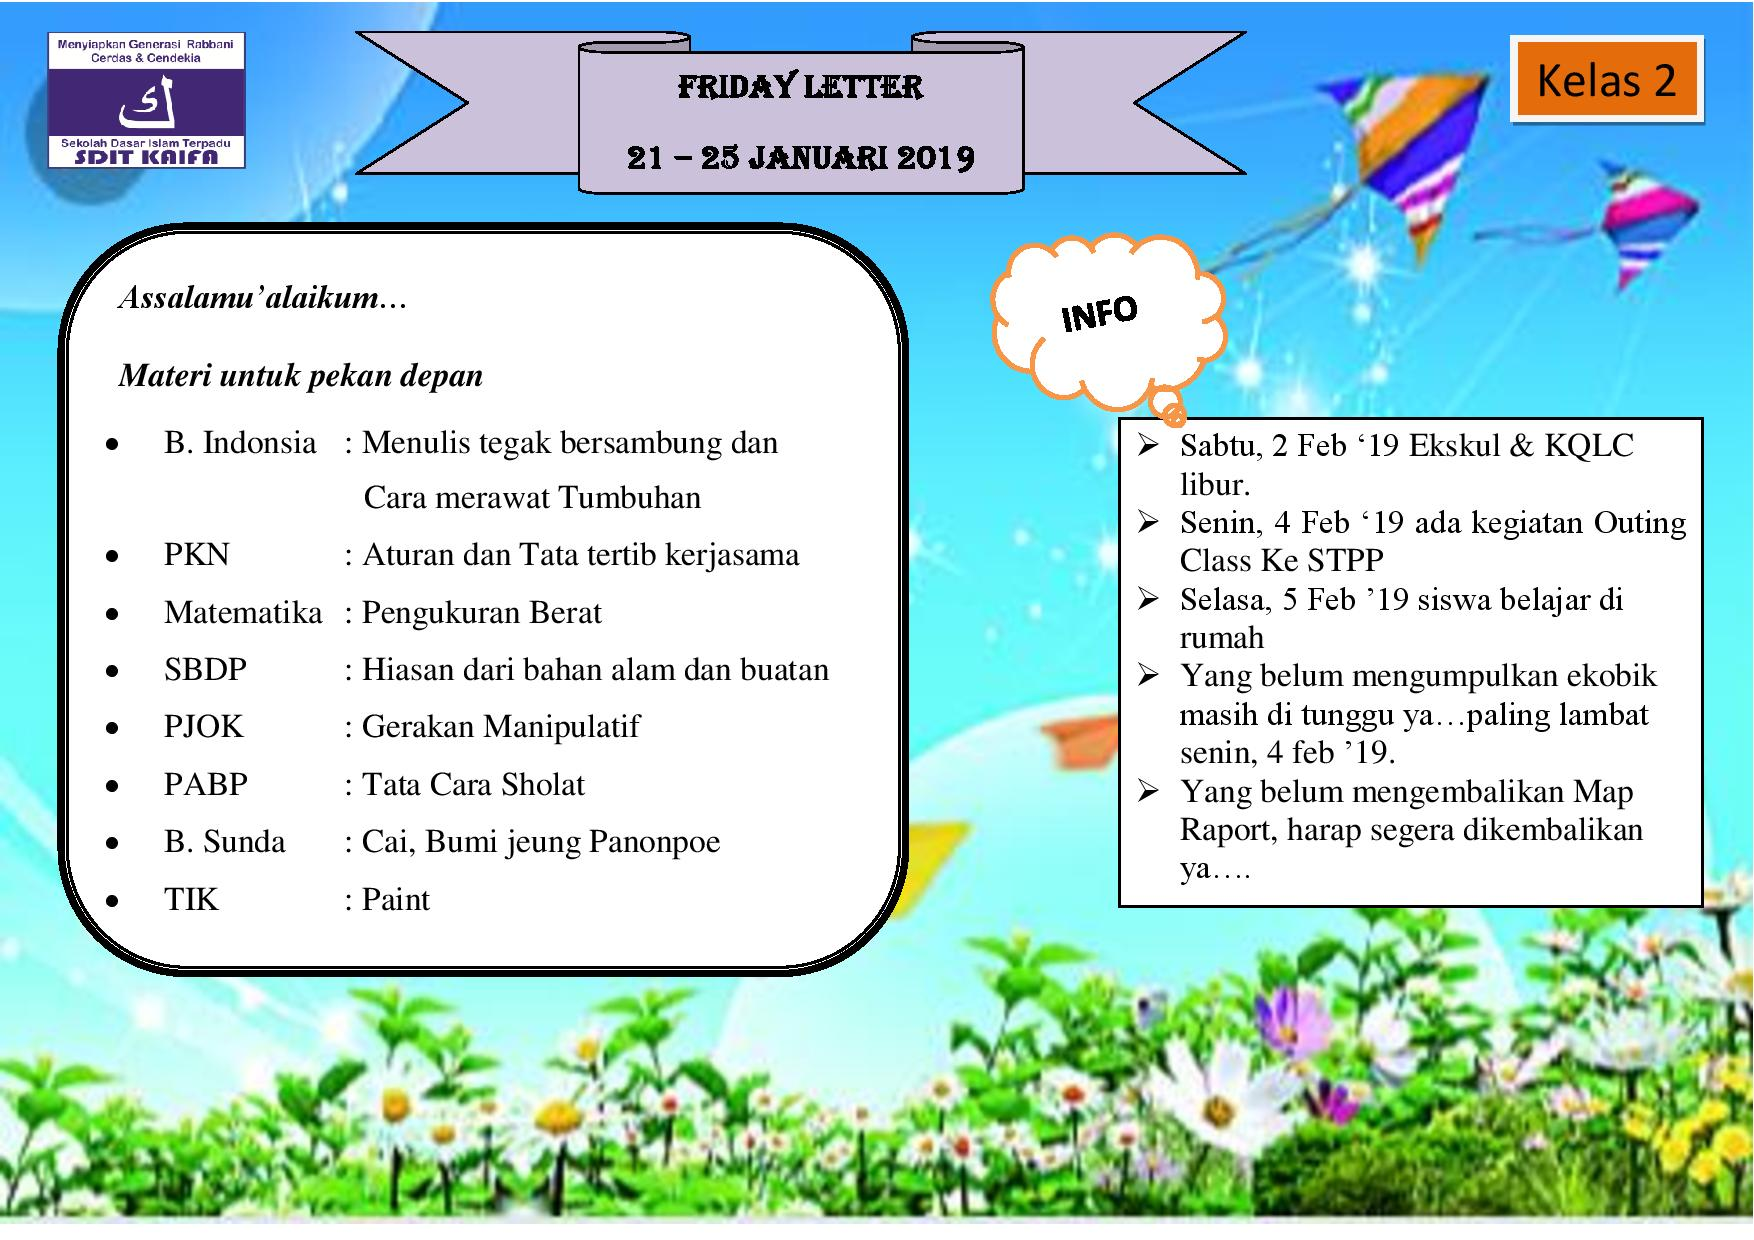 Friday Letter untuk SDIT KAIFA periode 04 08 Februari 2019